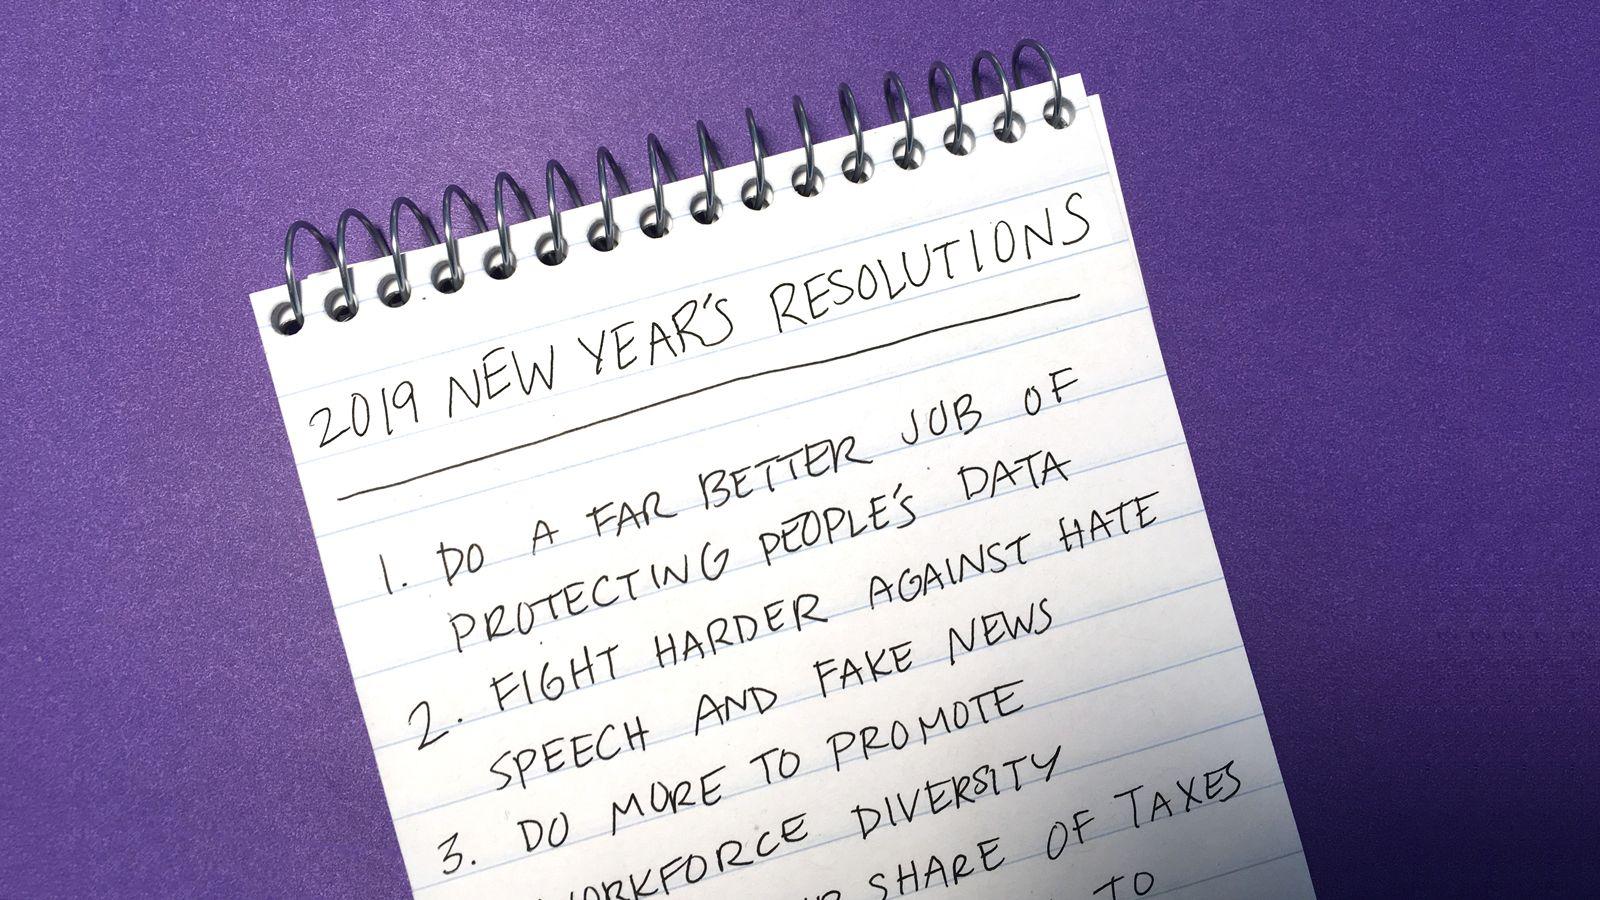 逆風のシリコンバレー GAFAが掲げるべき 「新年の抱負」